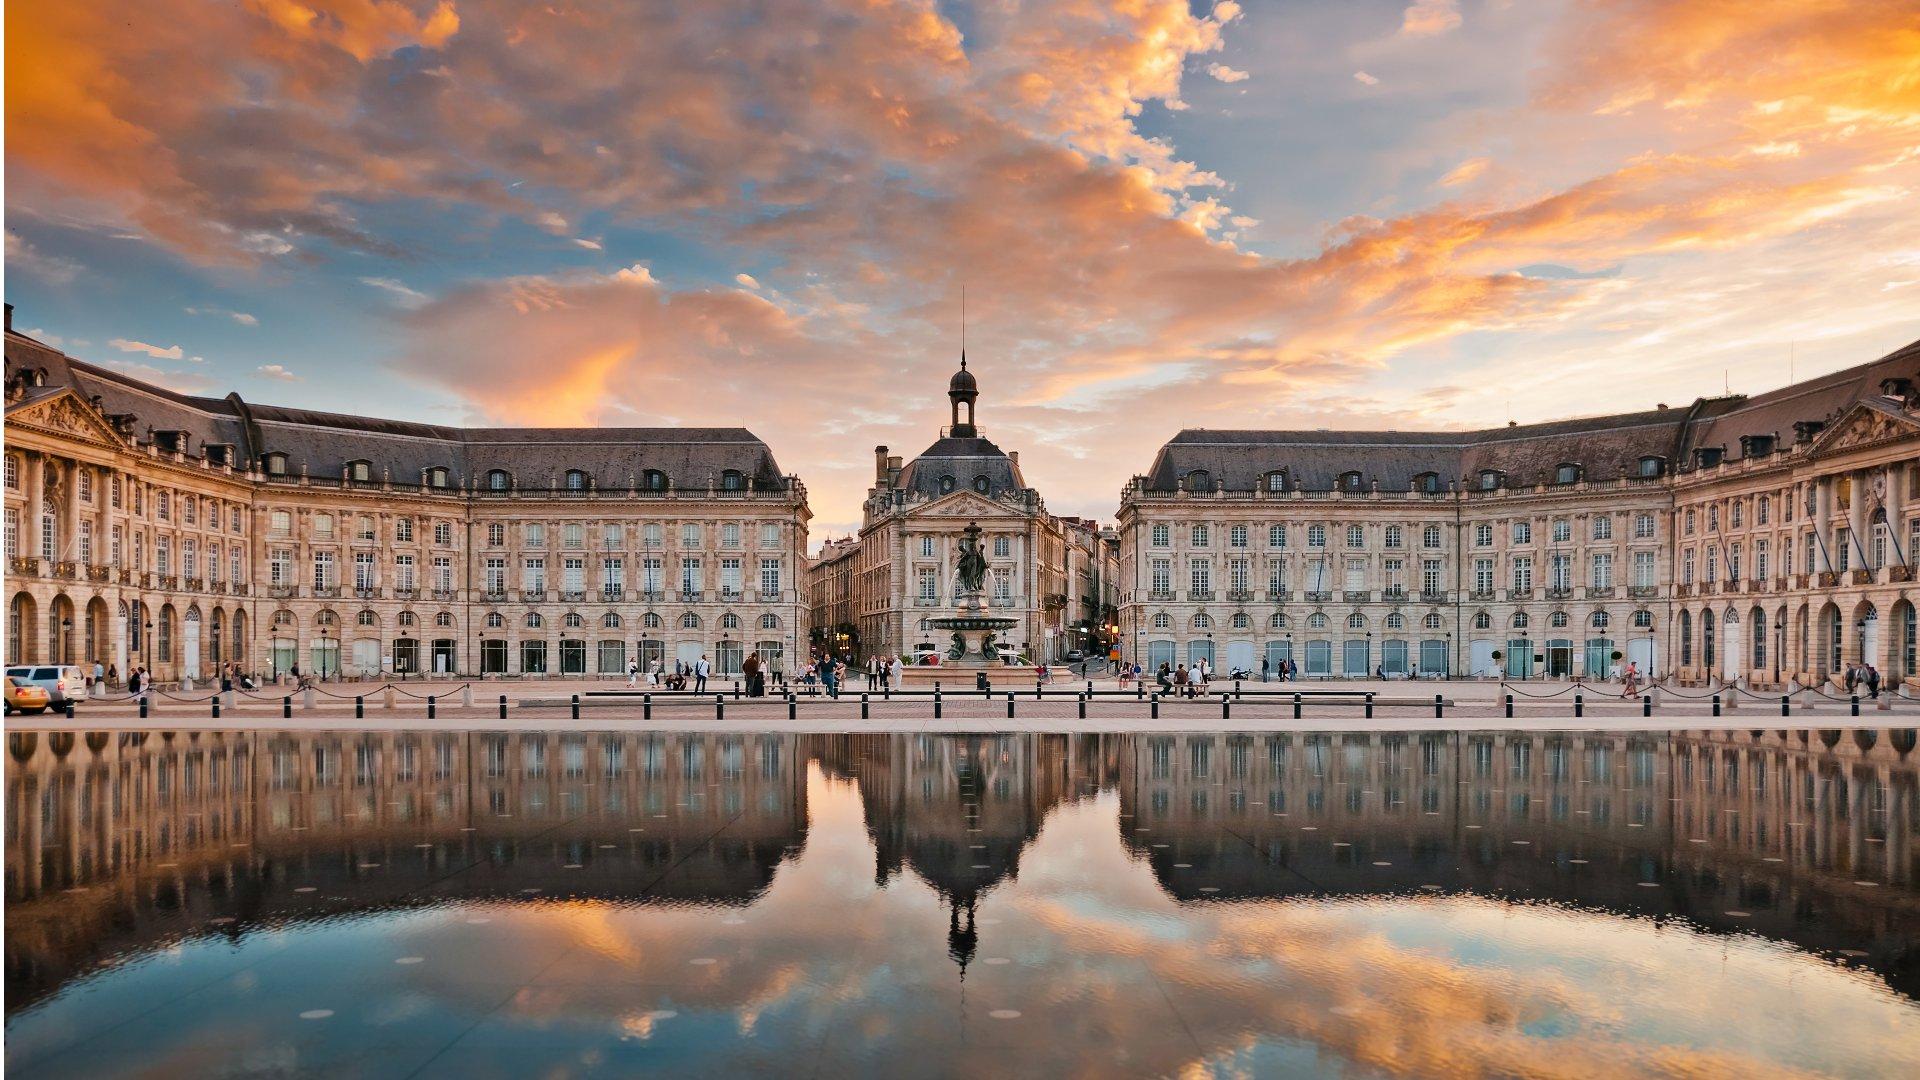 The History of Place de la Bourse